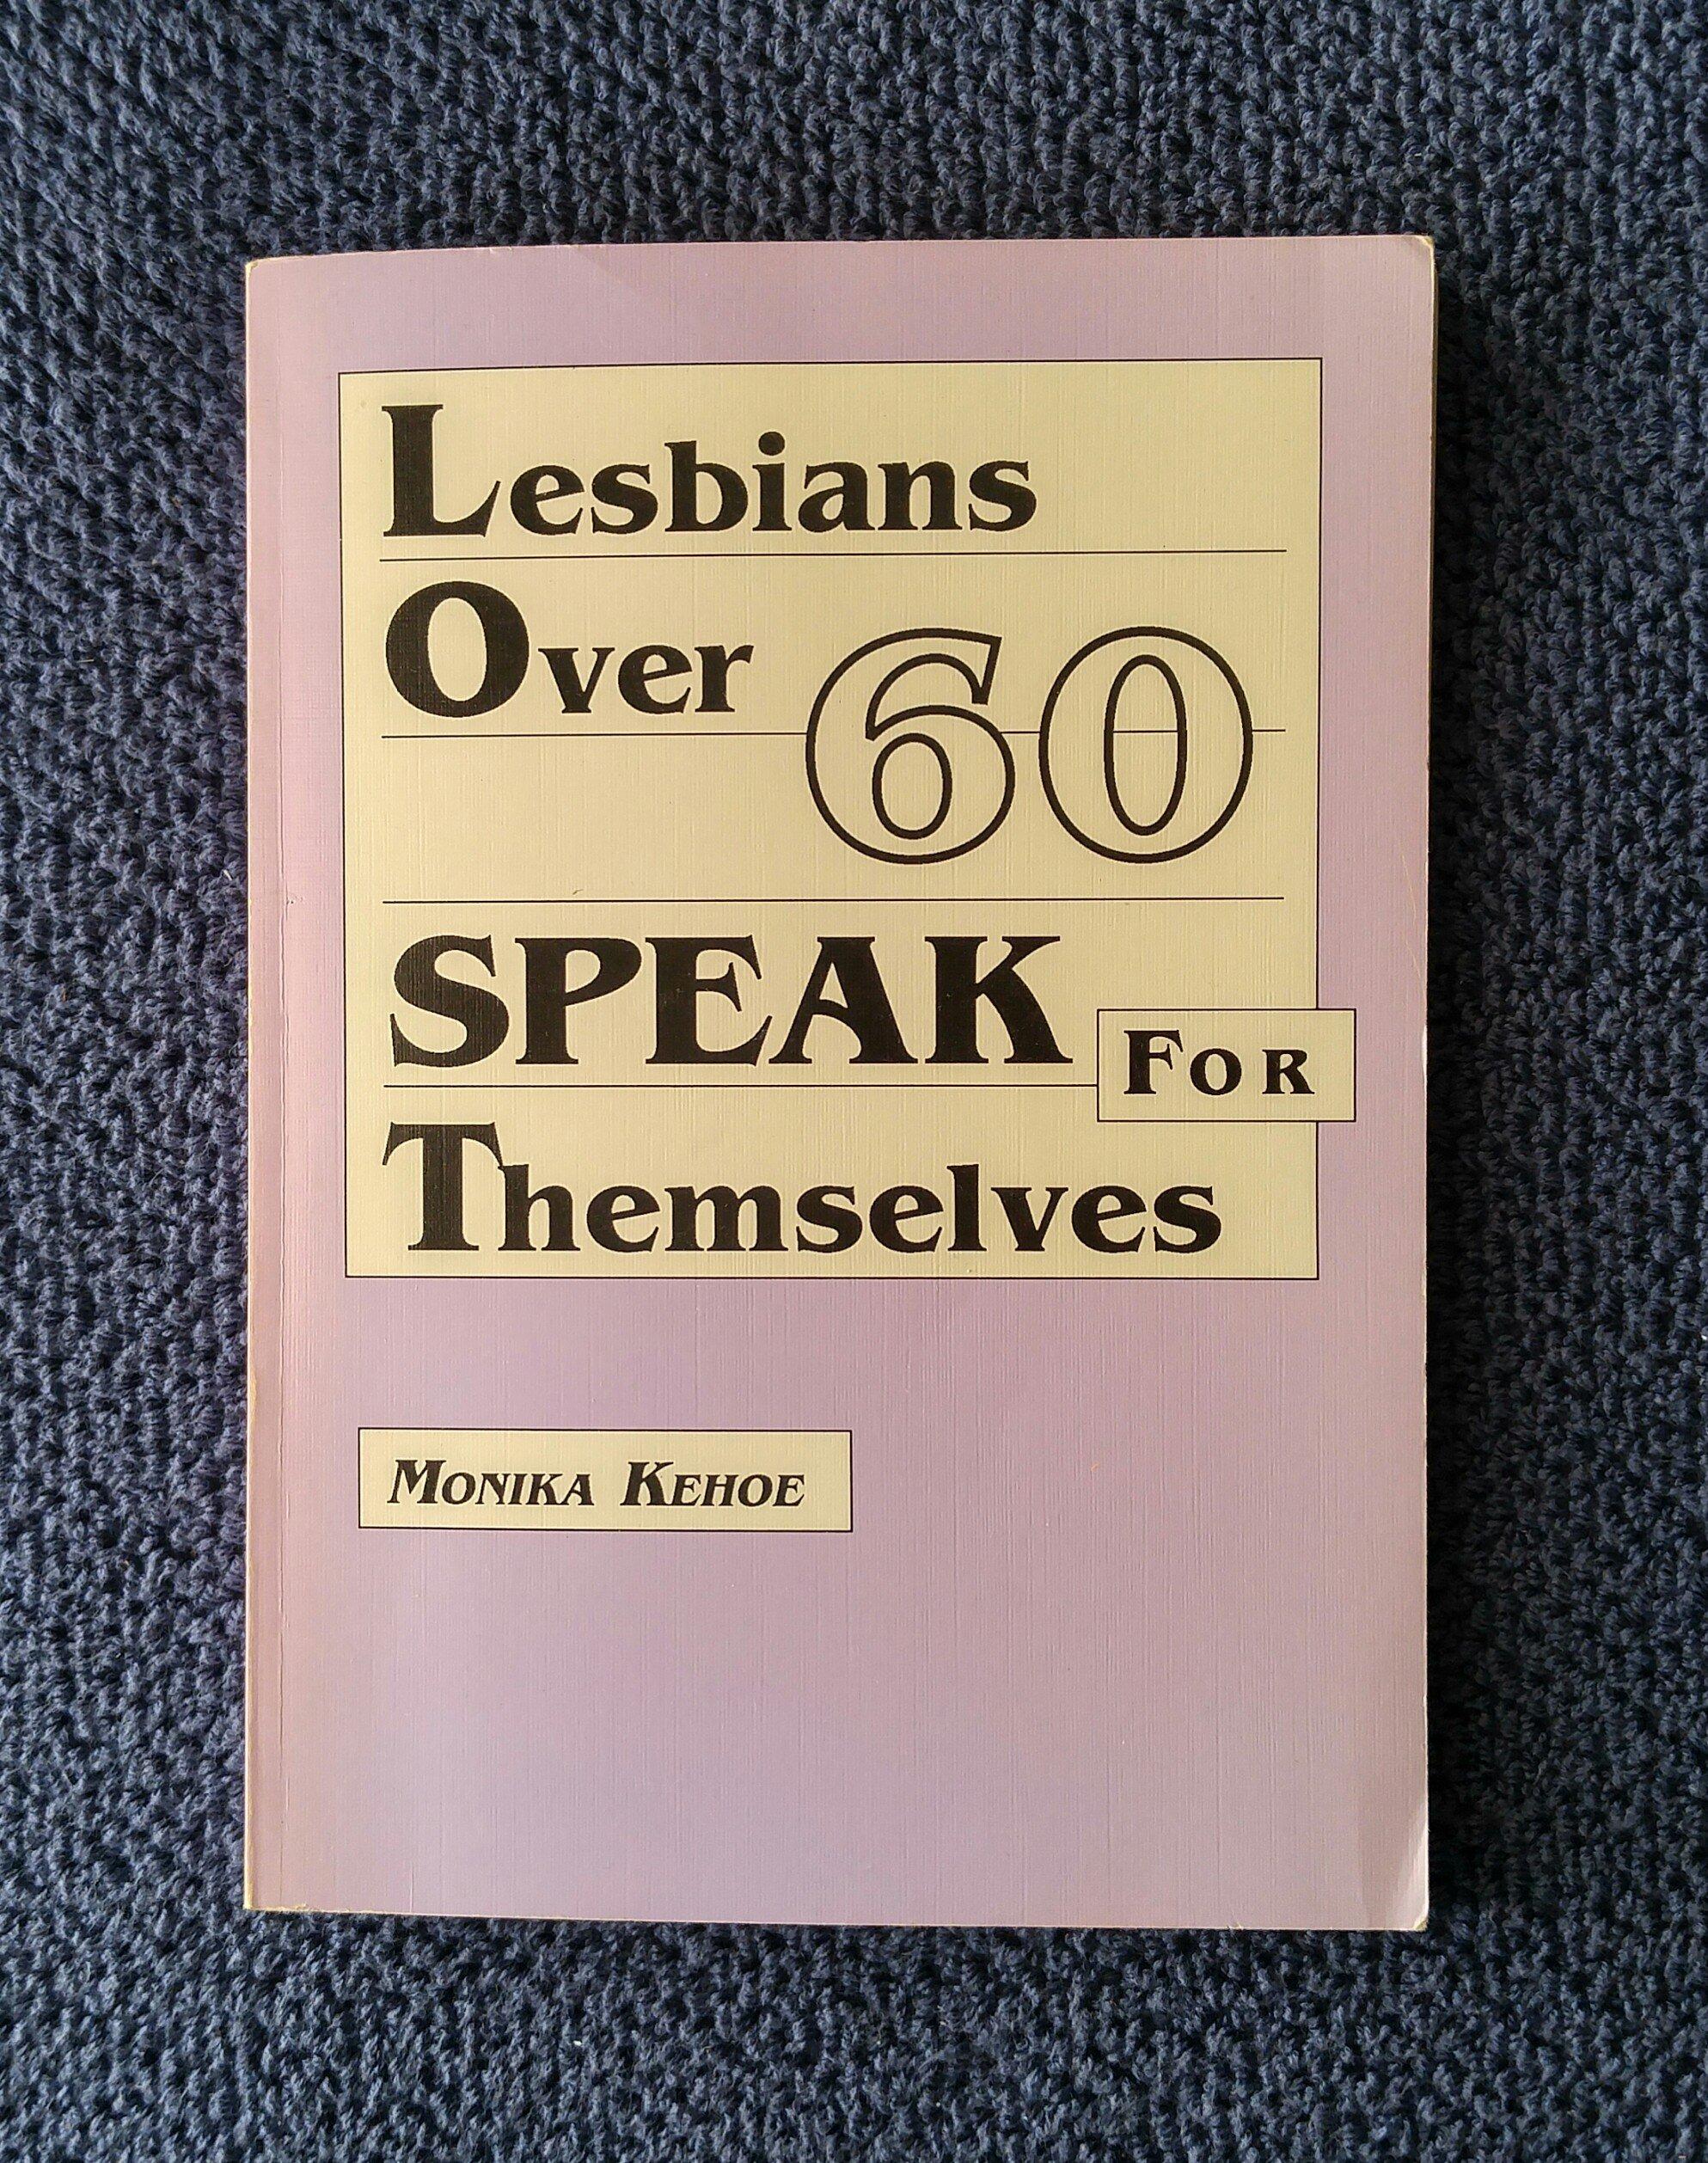 Over 60 lesbian